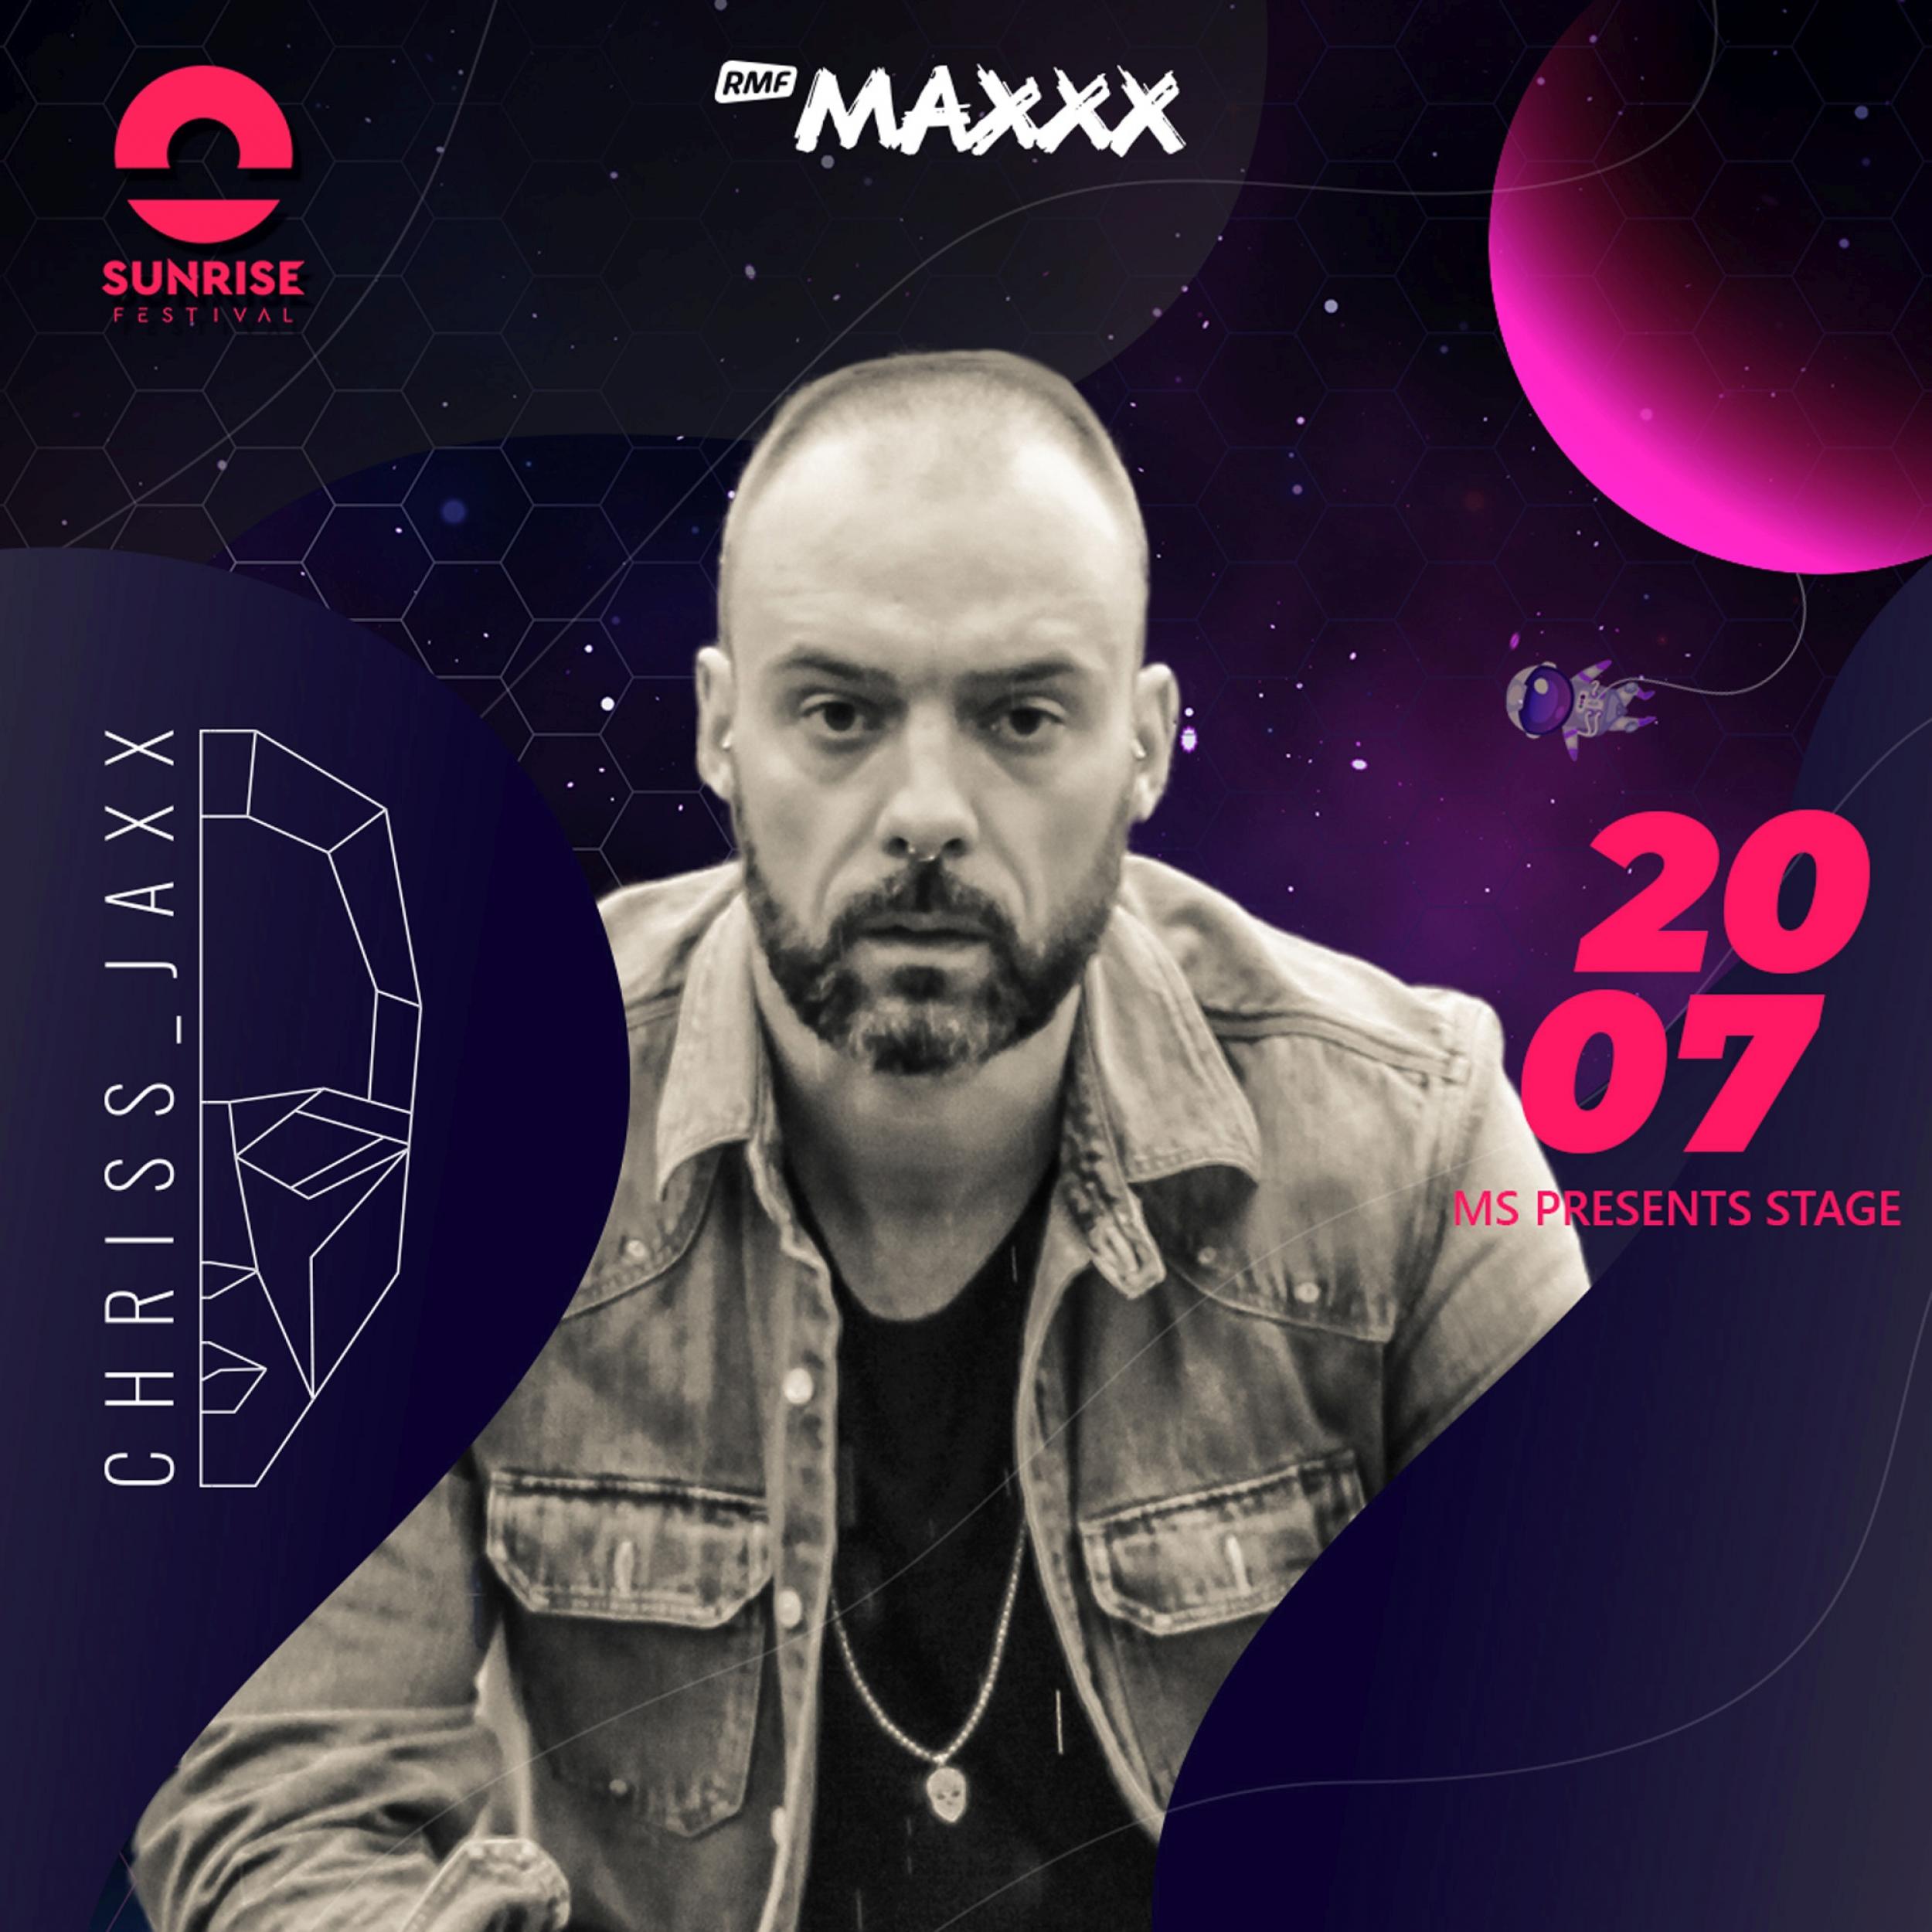 Martin Solveig zagra na Sunrise Festival 2019! Kto jeszcze pojawi sie w Kołobrzegu?